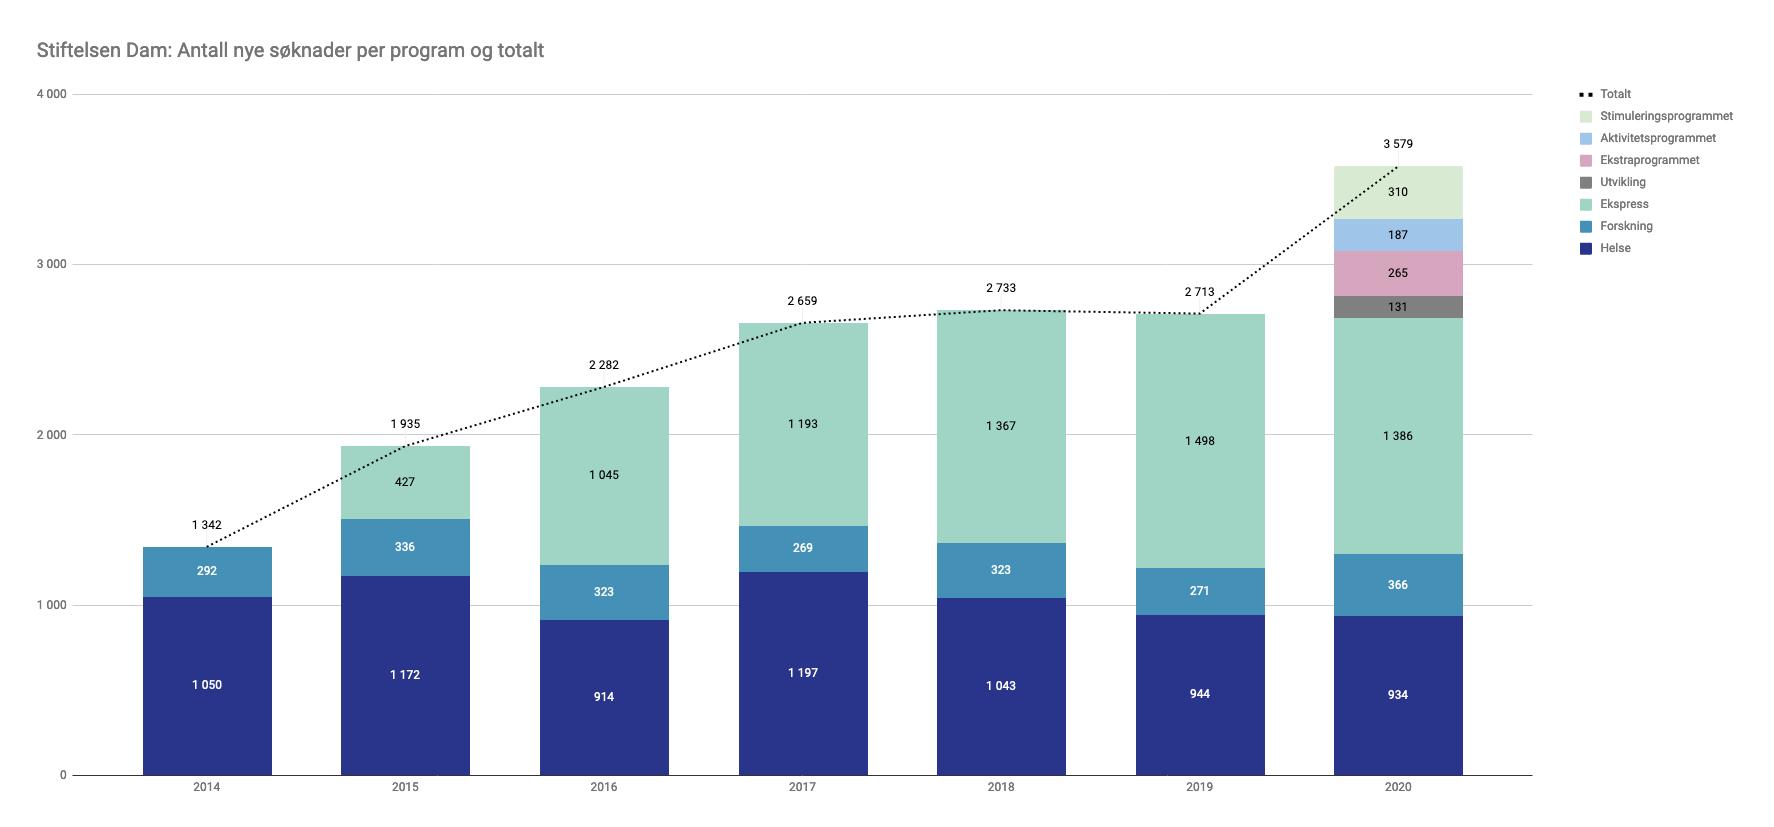 Graf som viser antall søknader Stiftelsen Dam mottok per år i perioden 2014-2020.